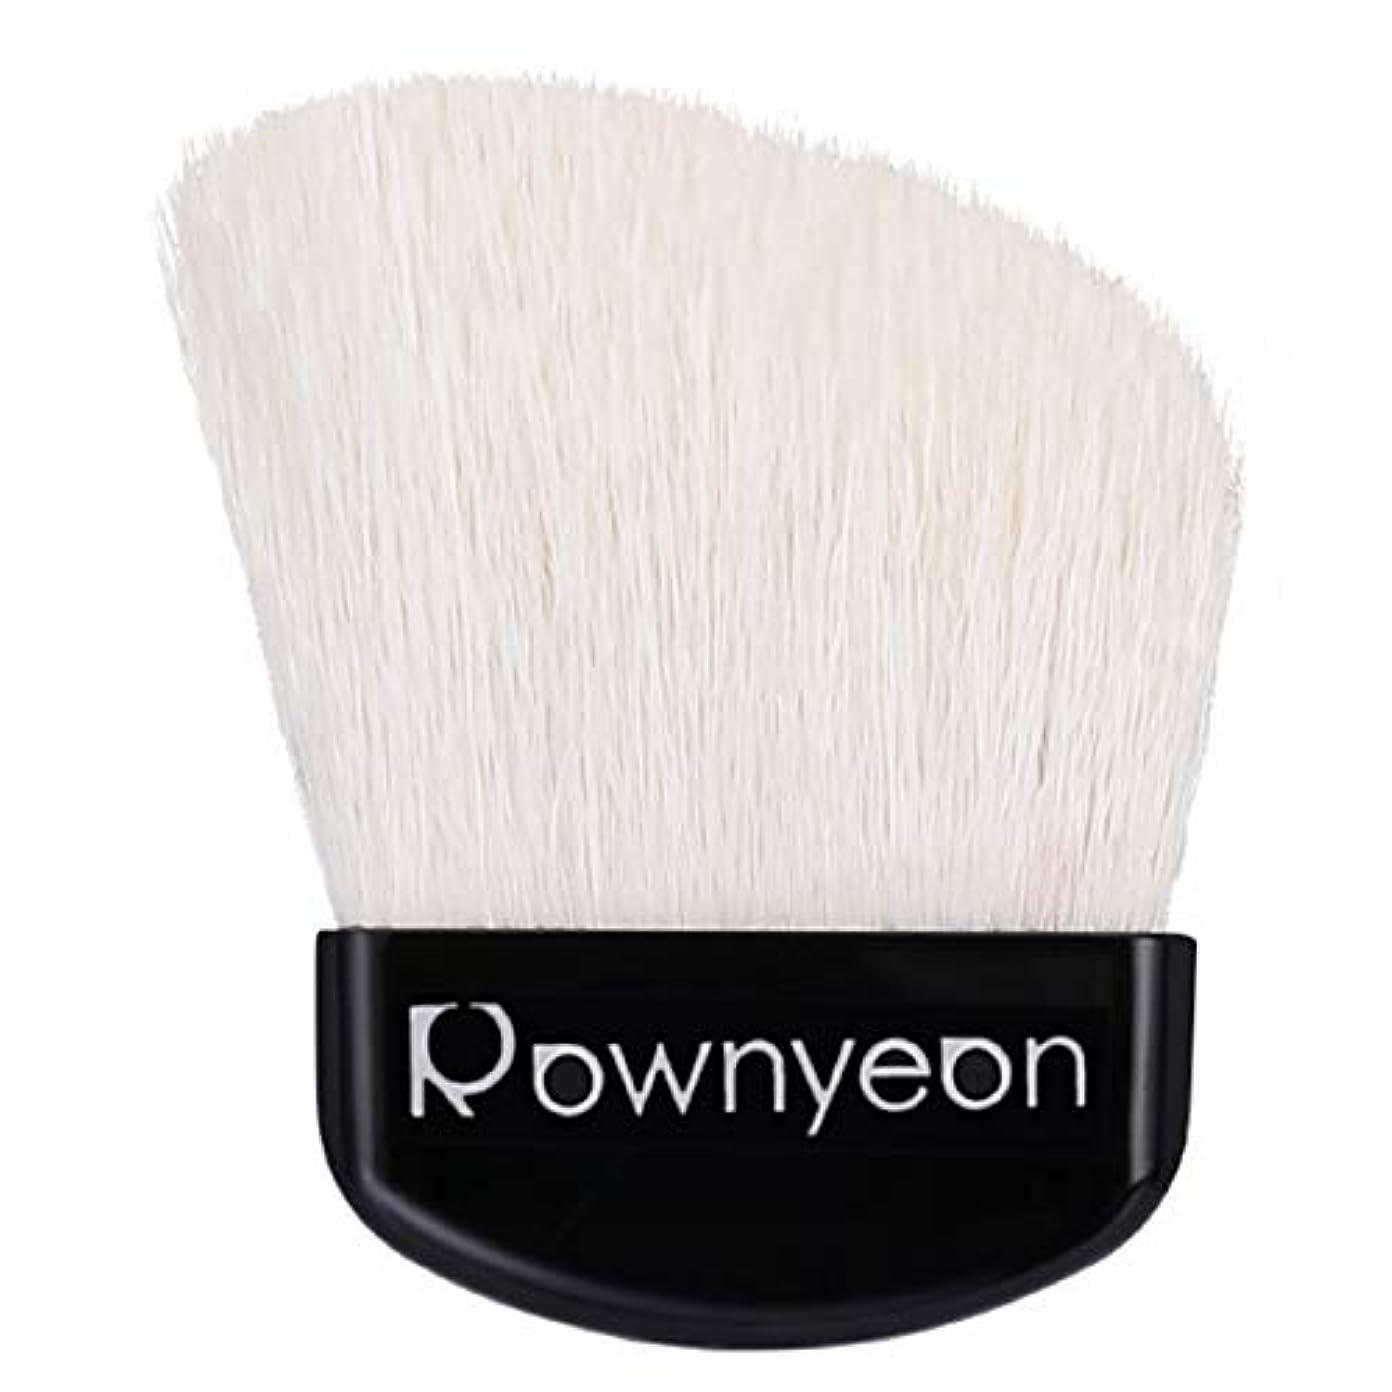 免疫するミシン金属Rownyeon チークブラシ 携帯用 100%天然毛 ミニ パクトイン フェースブラシ パウダーブラシ 扇型 携帯便利 メイク直し 単品 収納ケース付き プレゼント ギフト